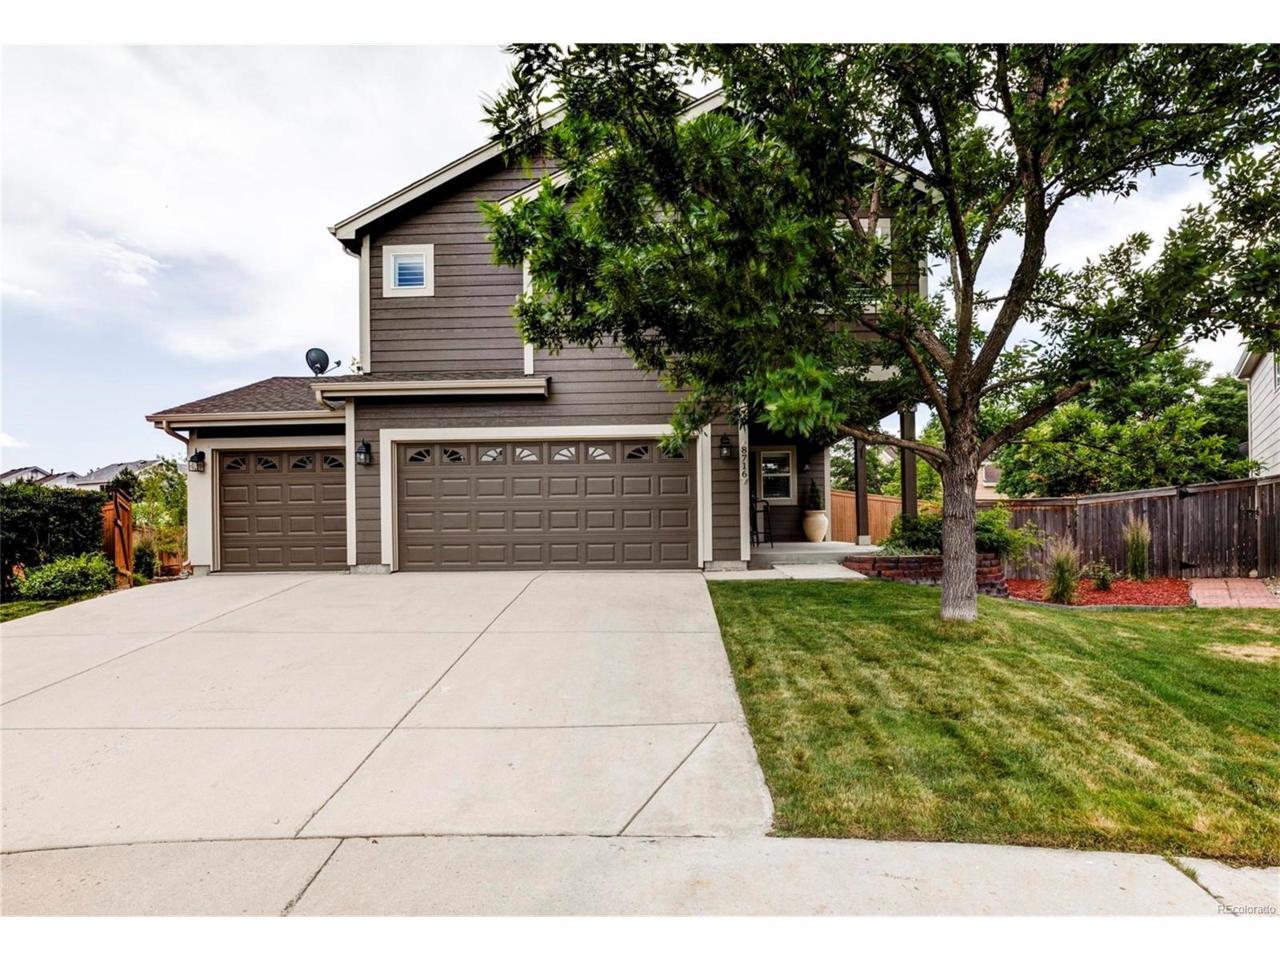 8716 Goosander Way, Littleton, CO 80126 (MLS #6088510) :: 8z Real Estate